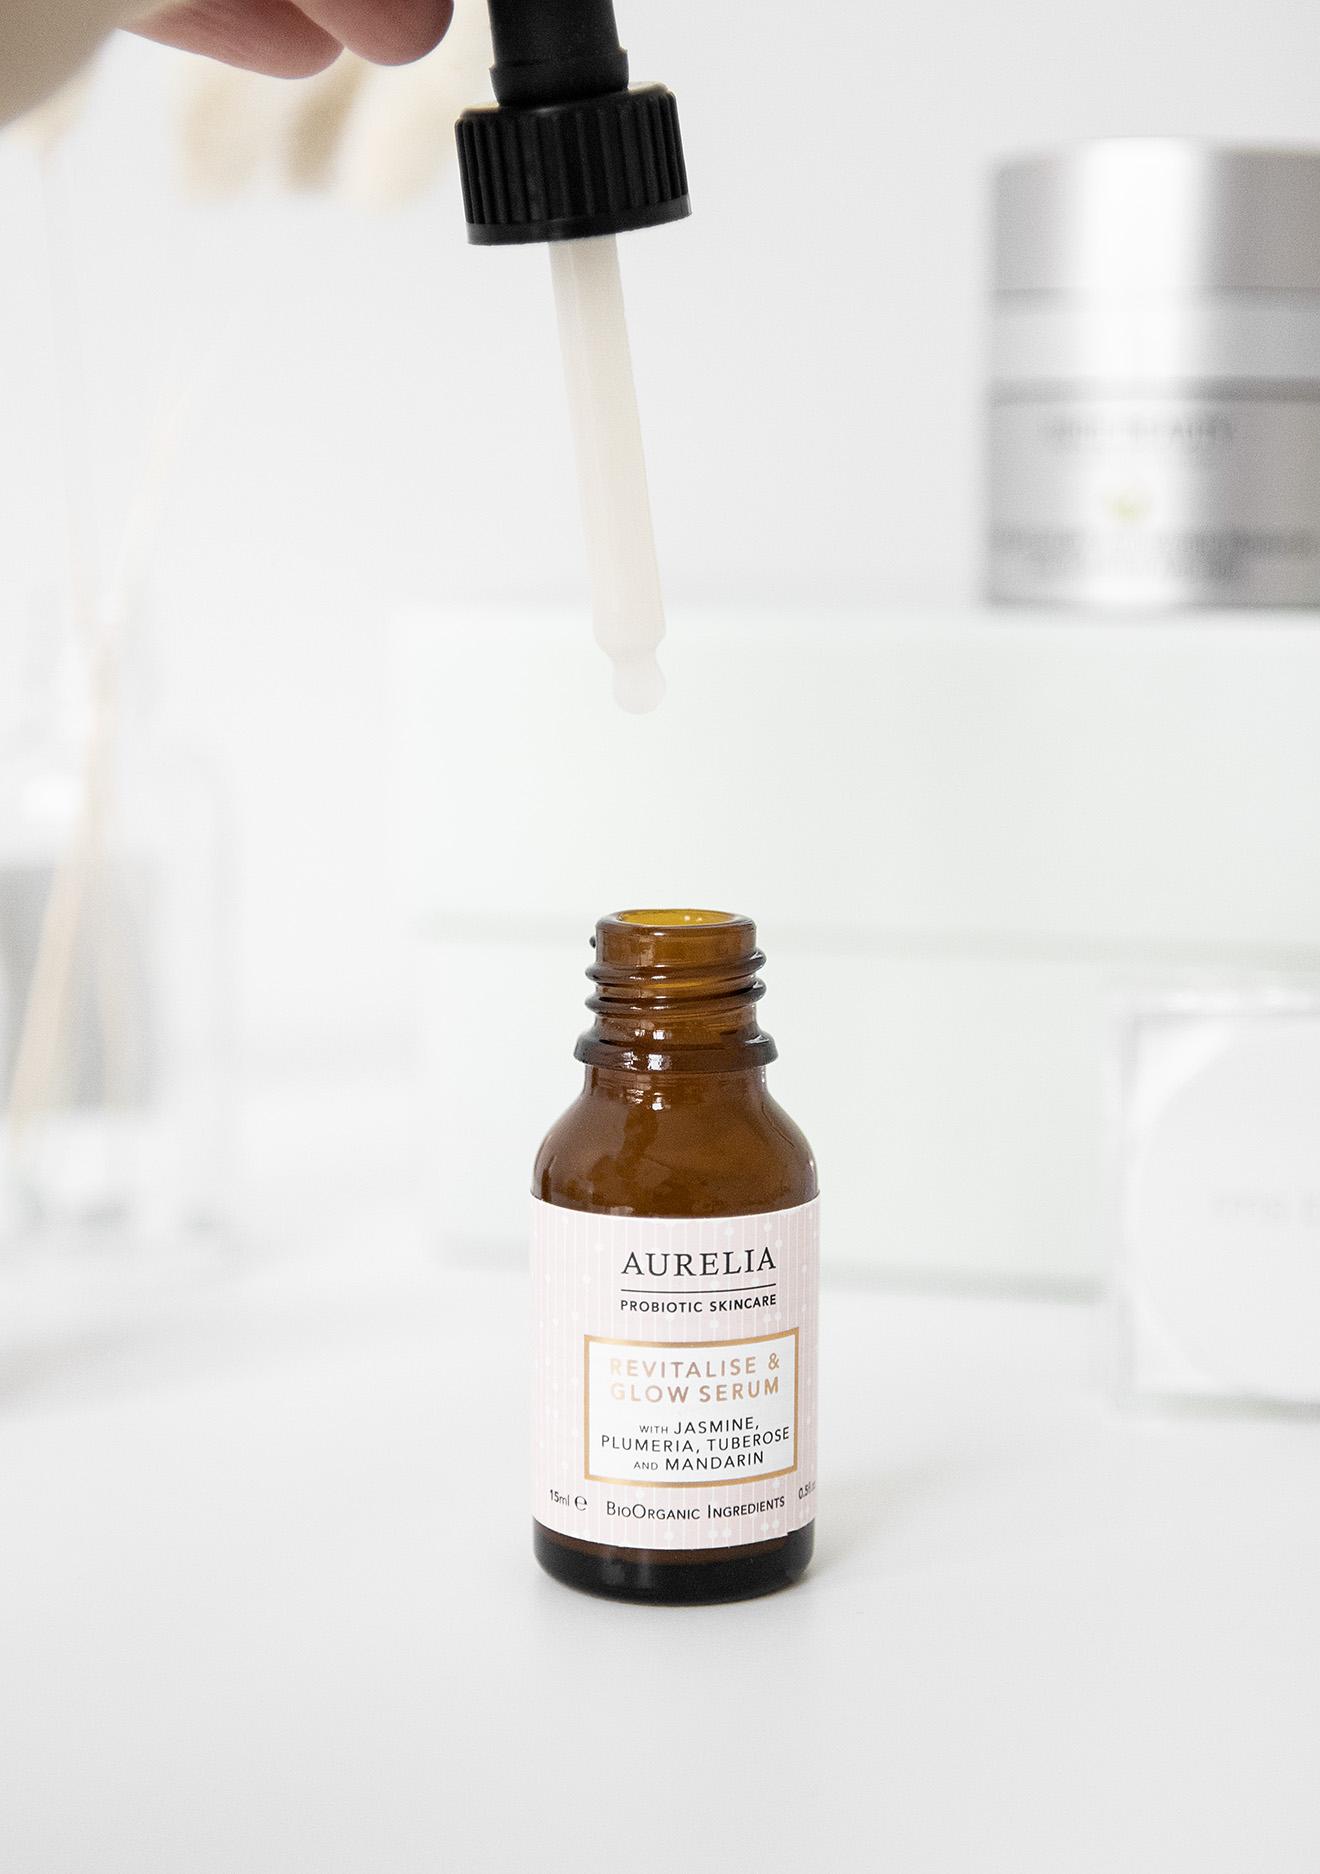 Aurelia Probiotic Skincare Revitalise and Glow Serum